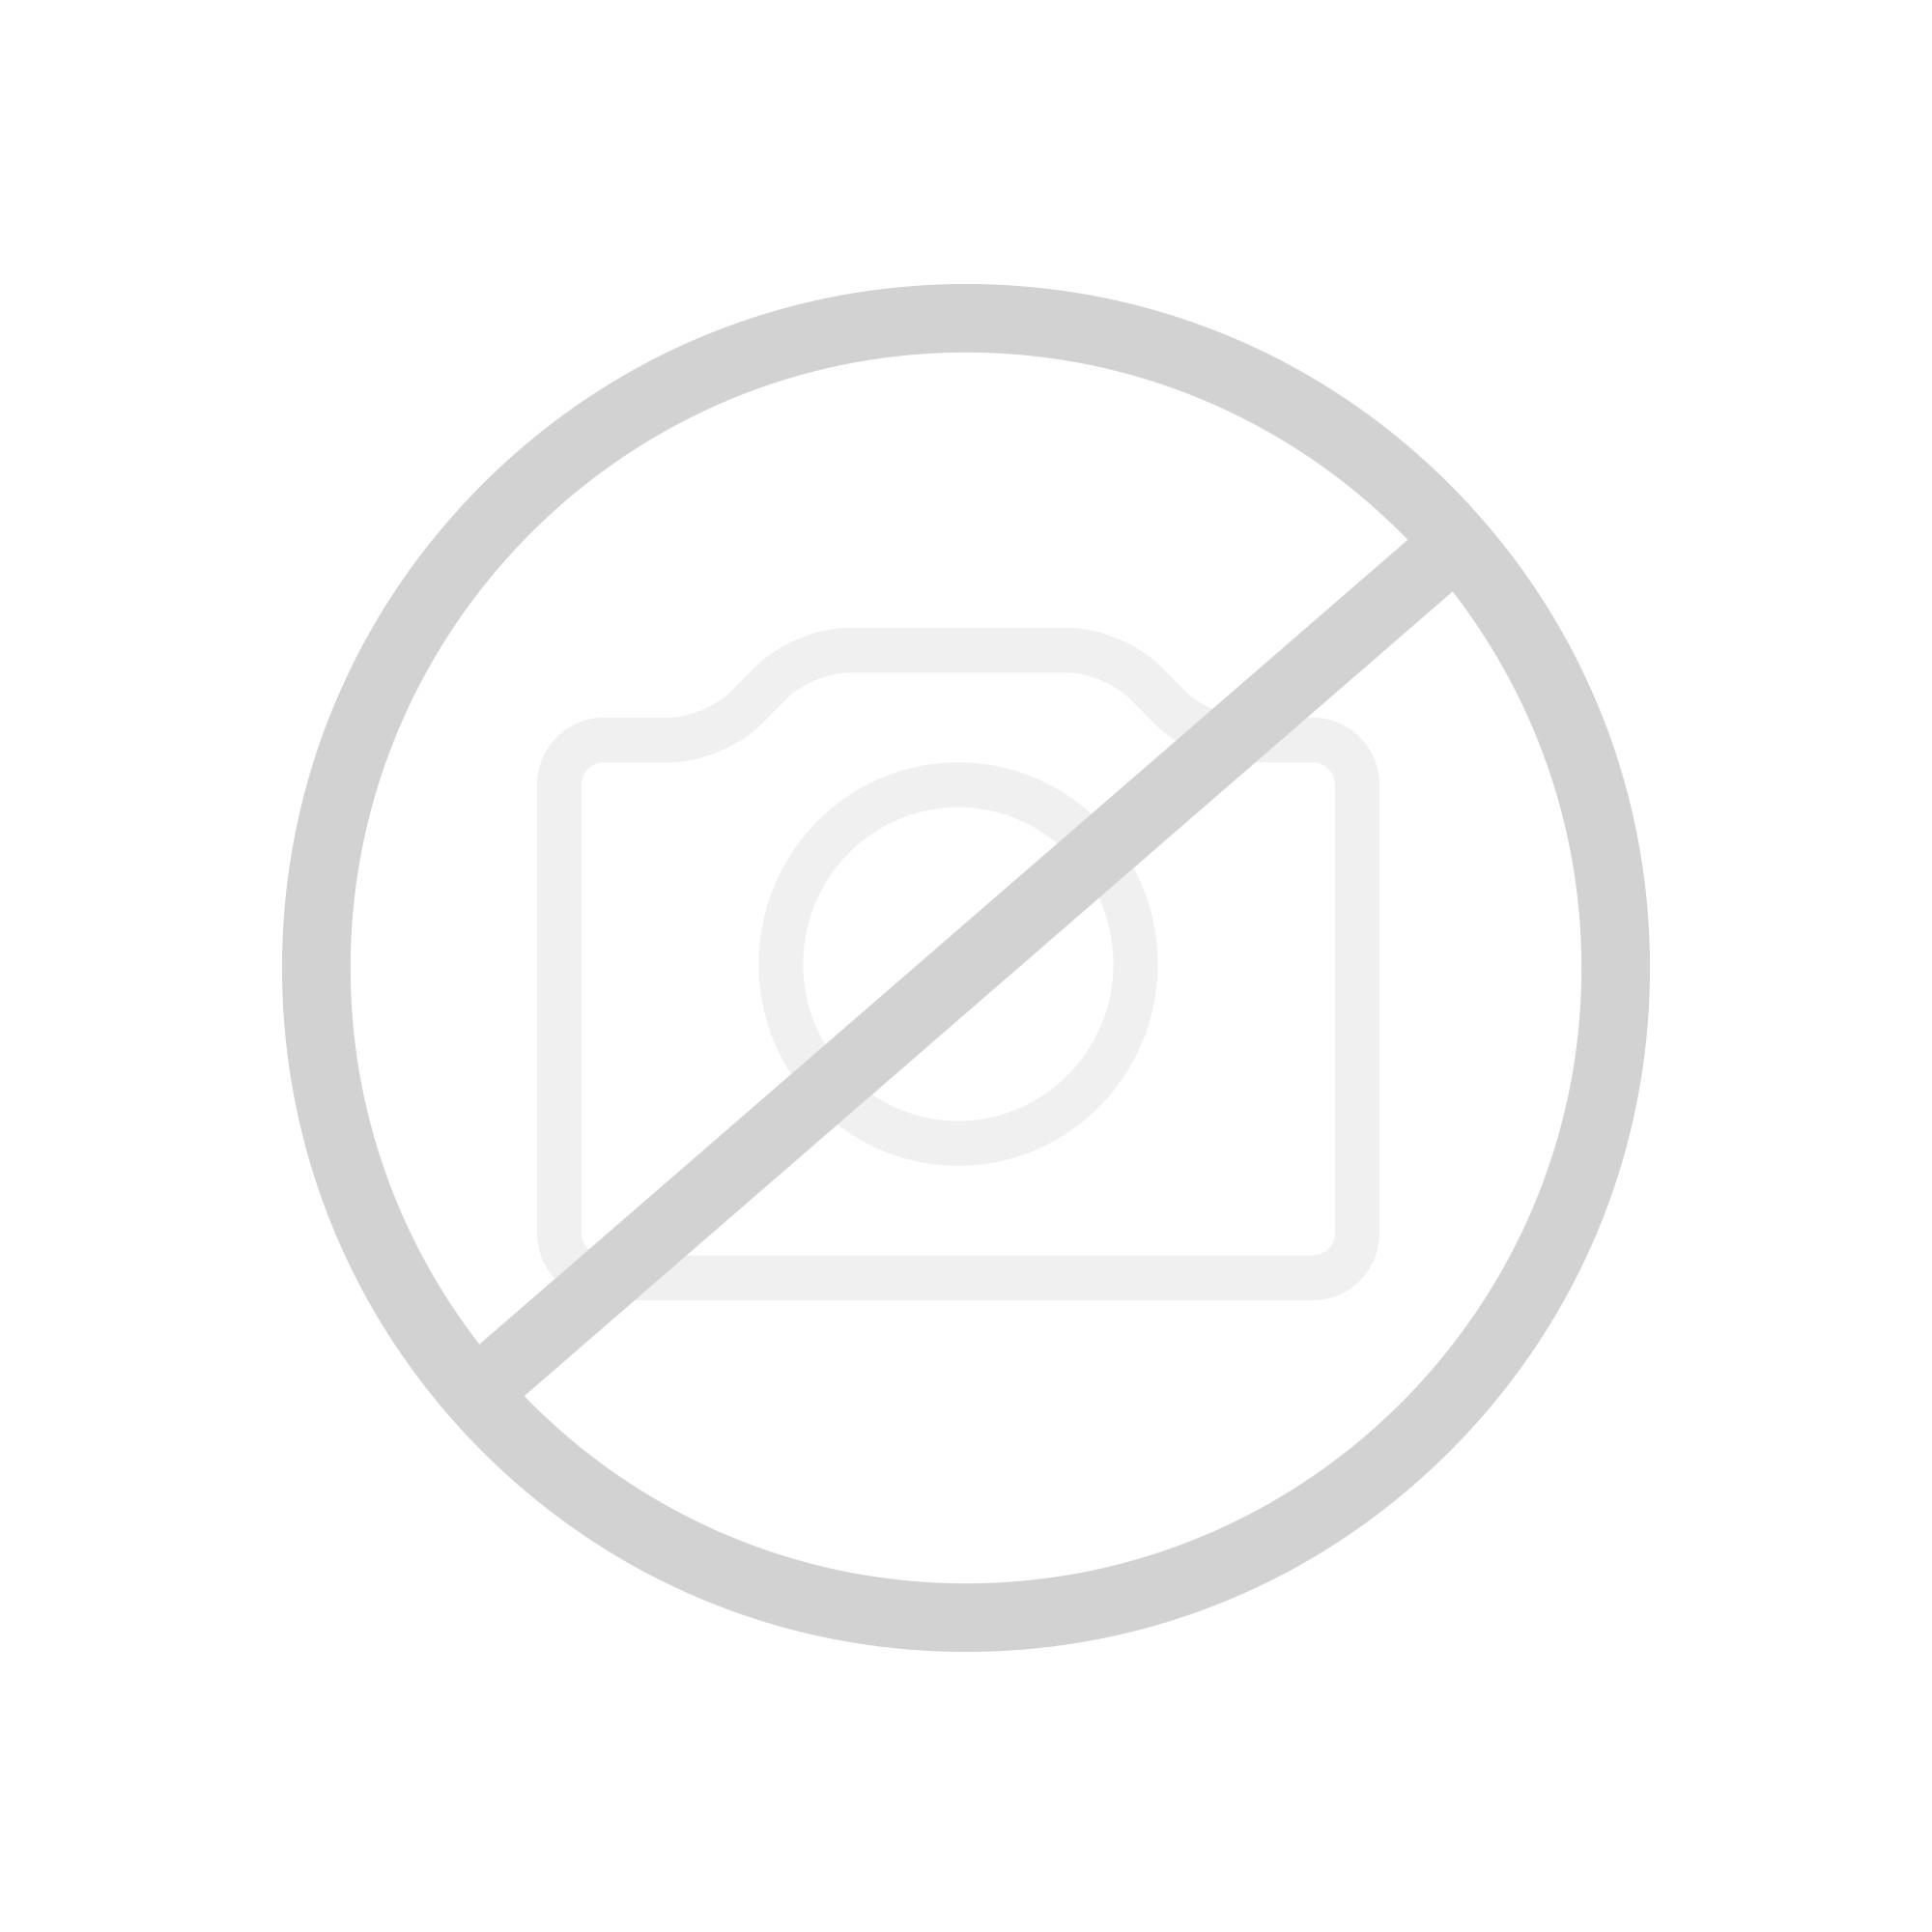 innovation splitback frej schlafsofa 94 741010525 5 2 reuter onlineshop. Black Bedroom Furniture Sets. Home Design Ideas